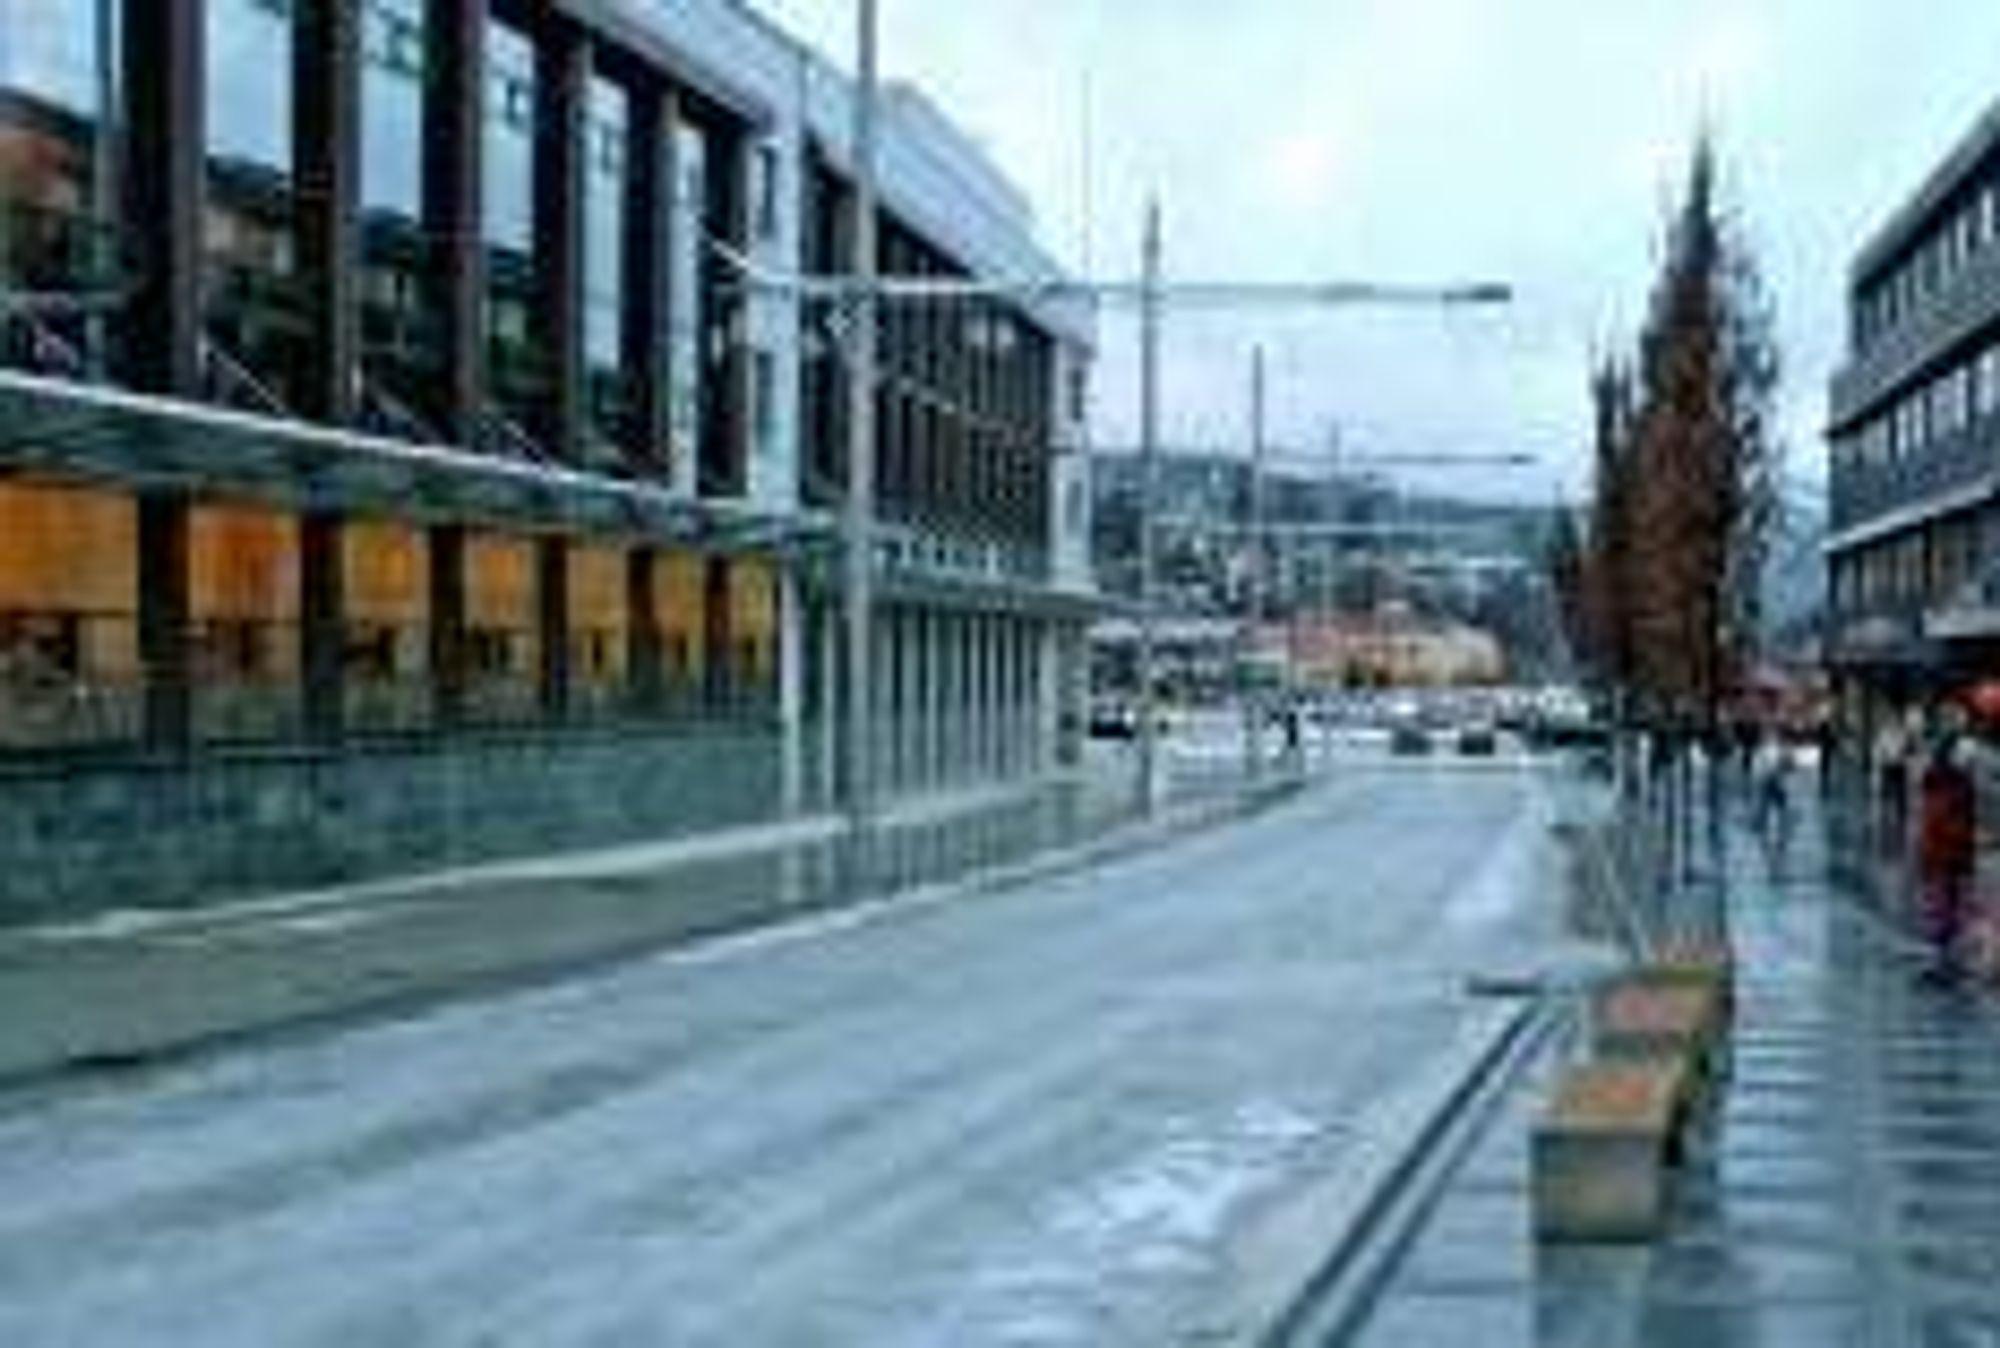 Bybanen skal legges gjennom østre Nesttunveien. Jobben utføres av Svein Boasson for 22,361 millioner kroner.